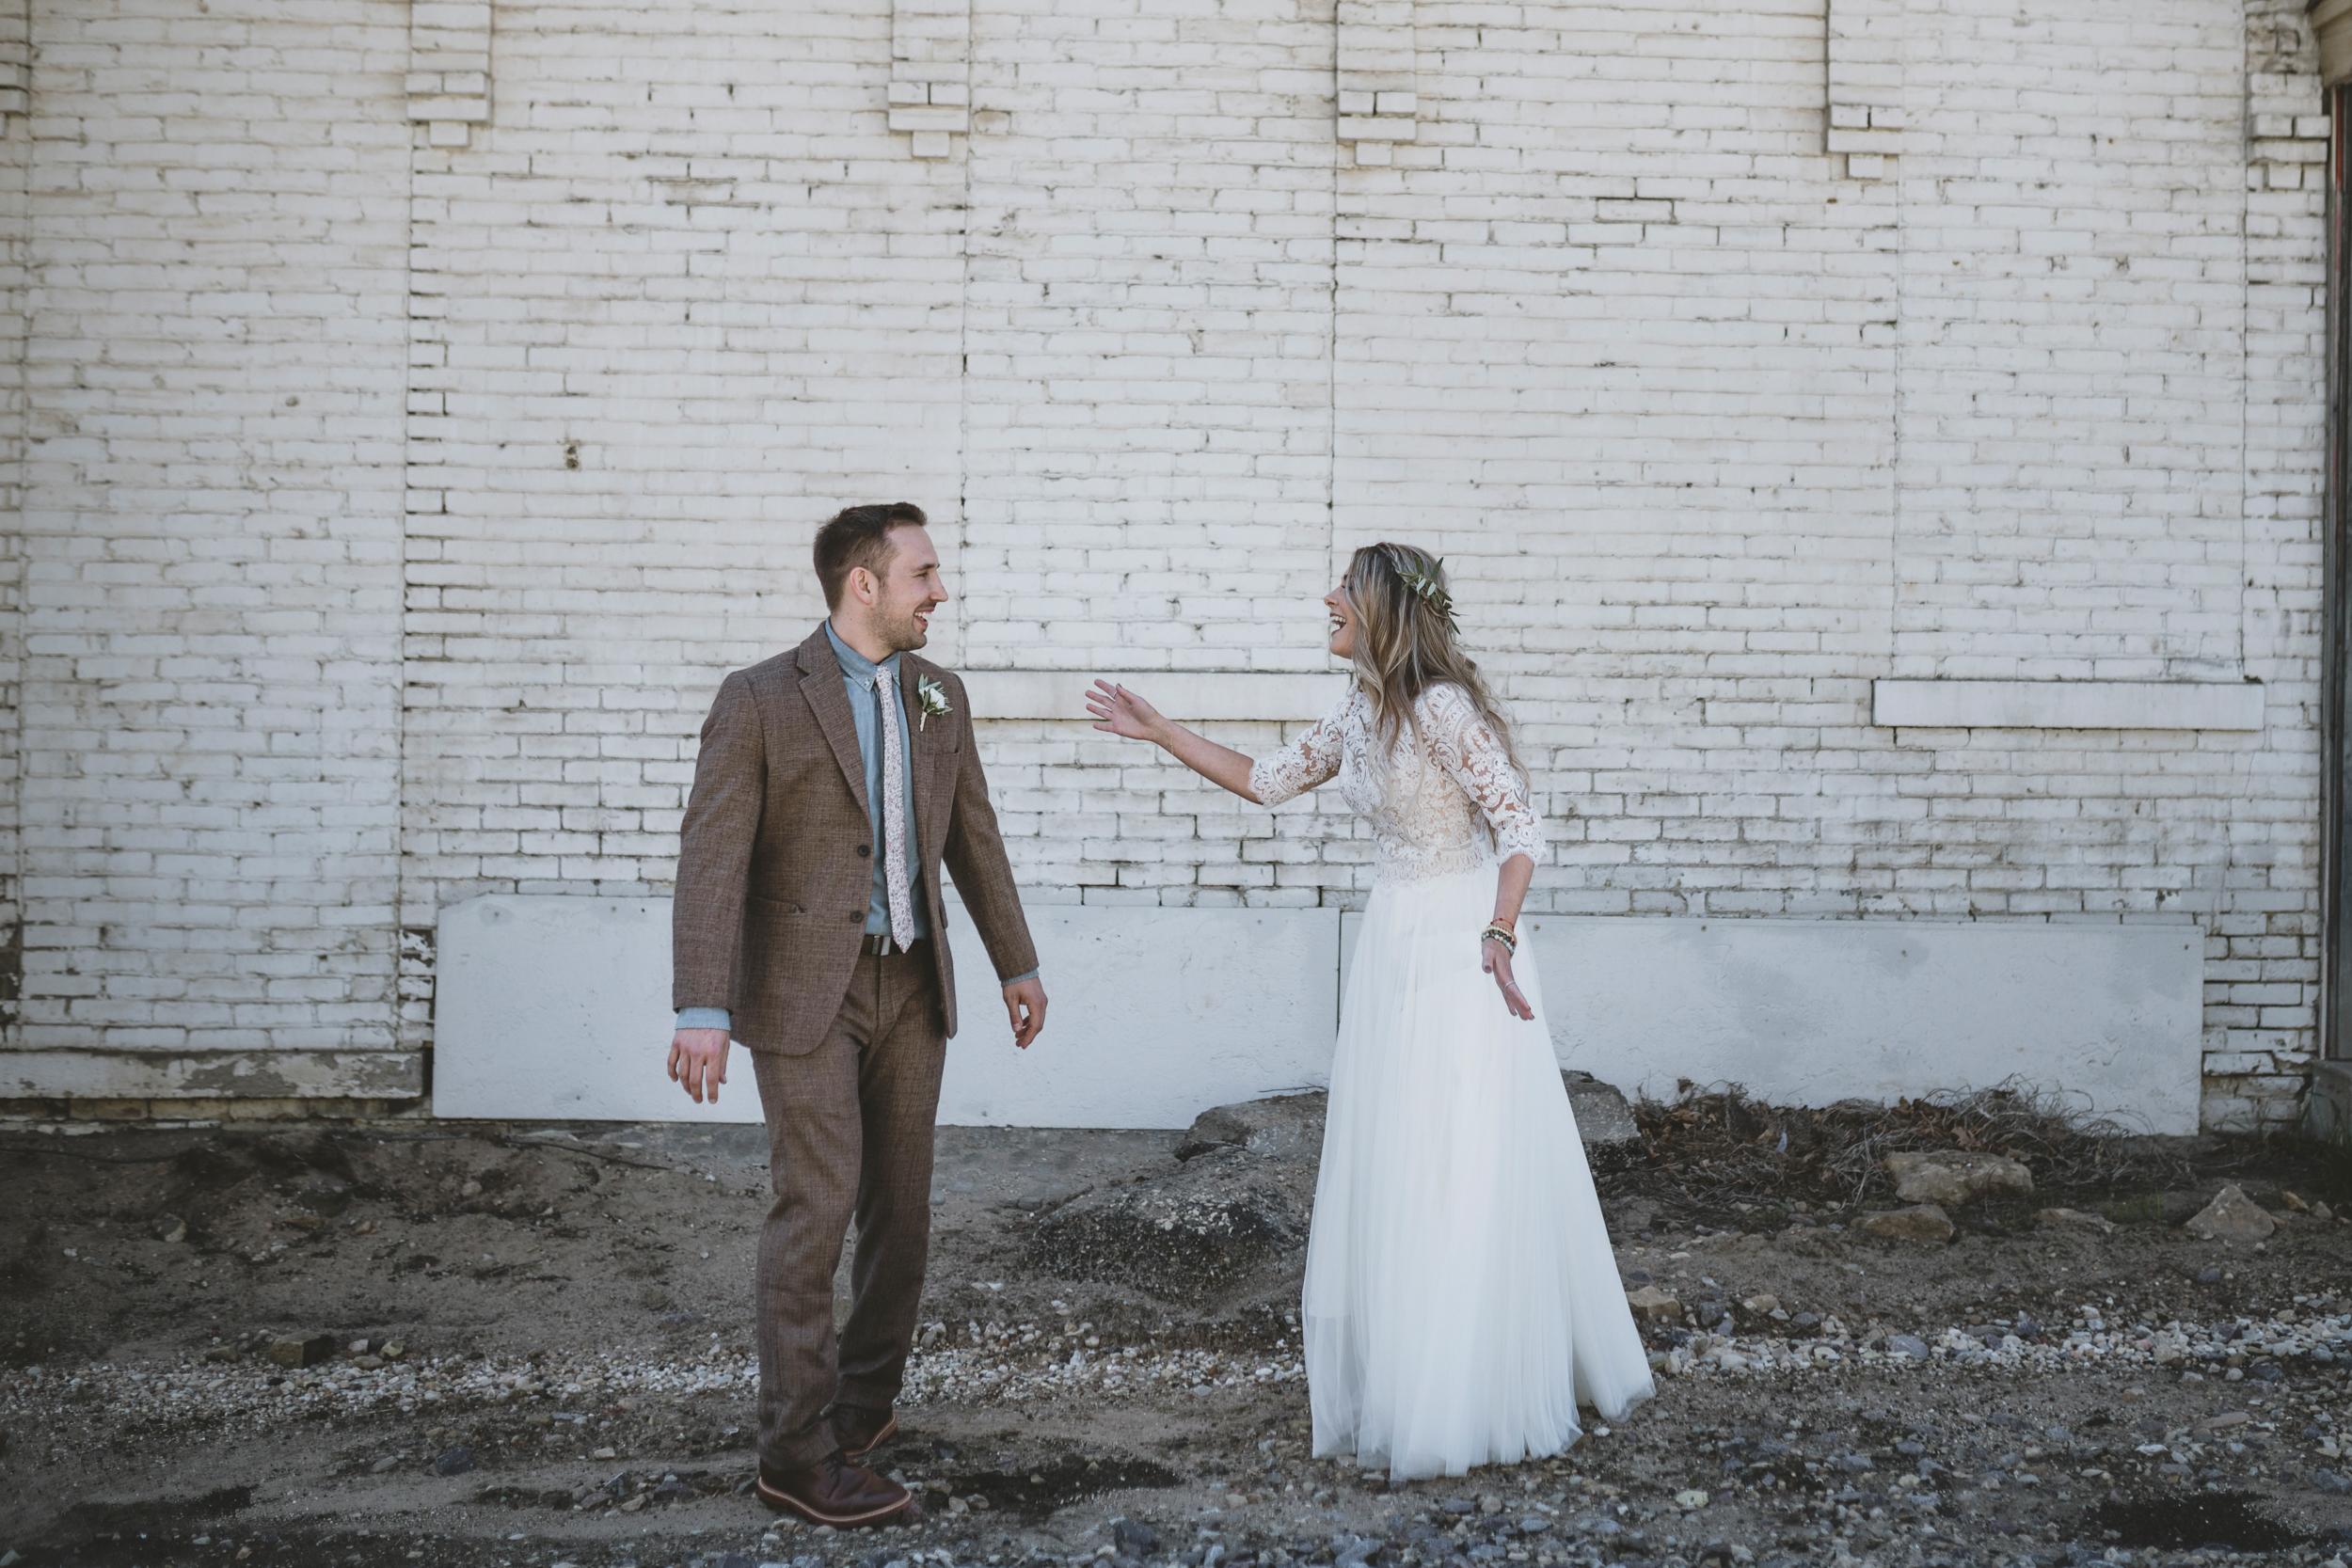 lageret madison wisconsin wedding photographers-22.jpg